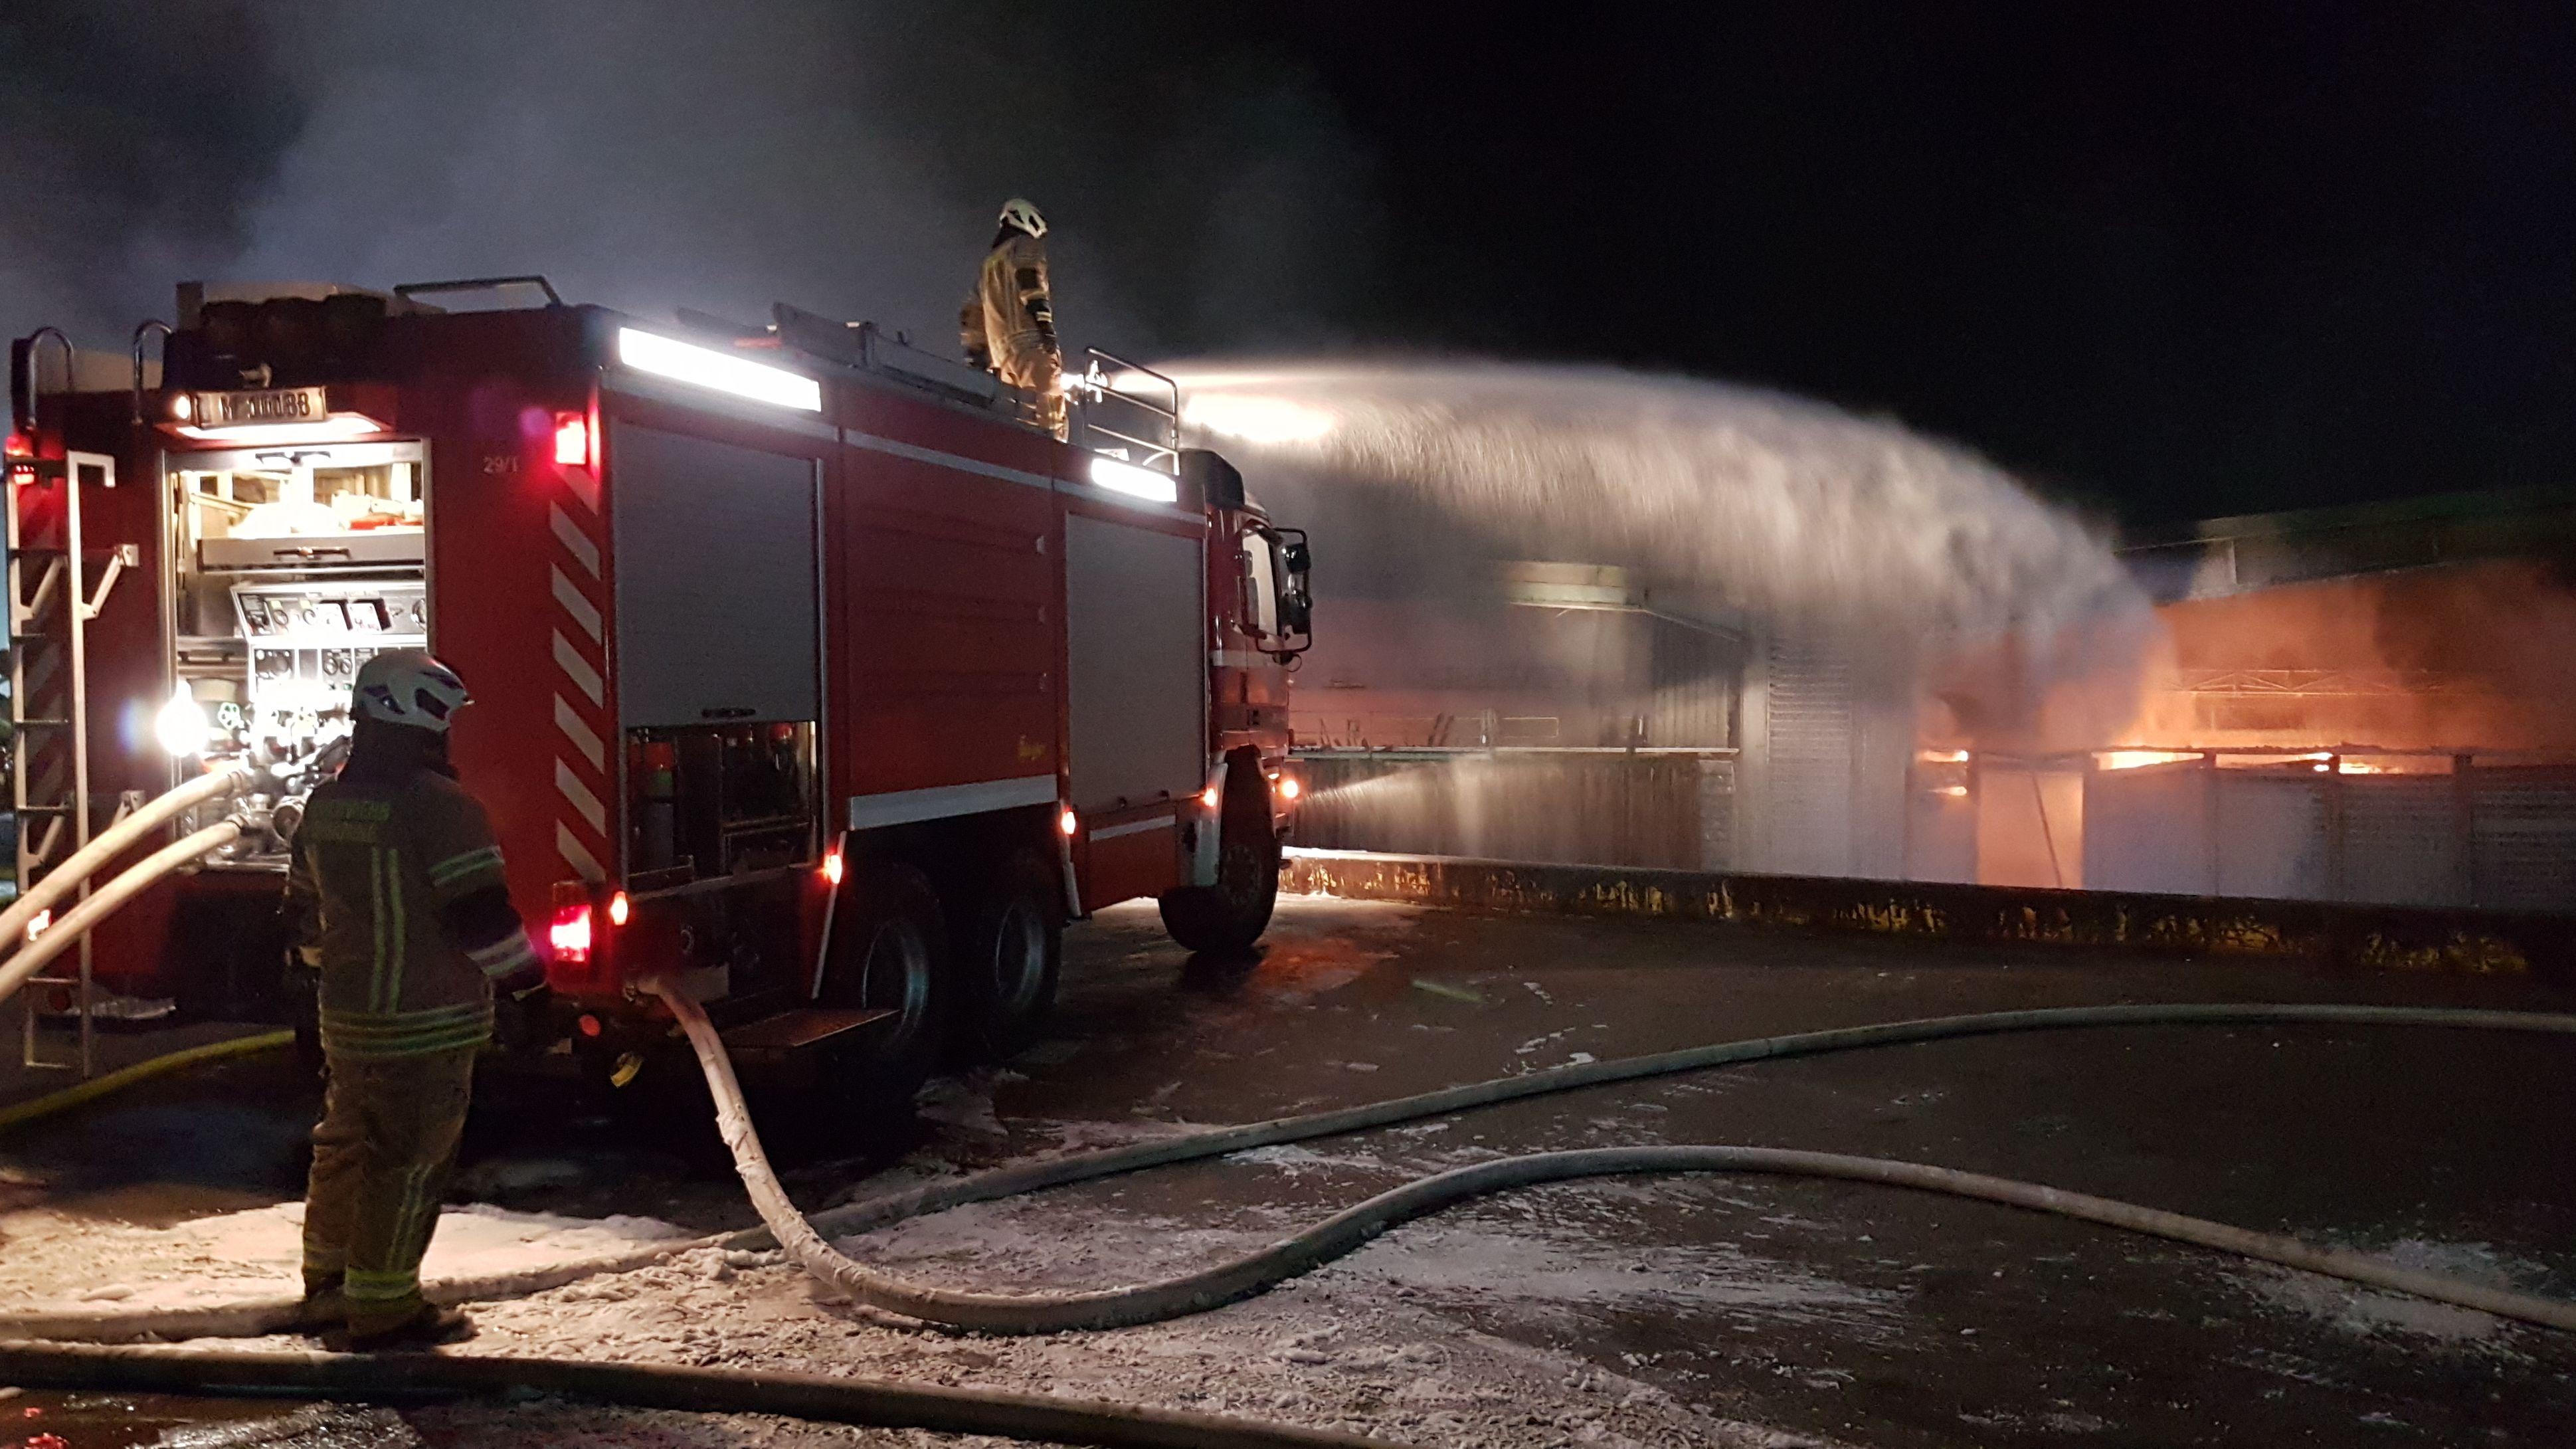 Feuerwehr löscht brennende Lagerhalle in Garching-Hochbrück